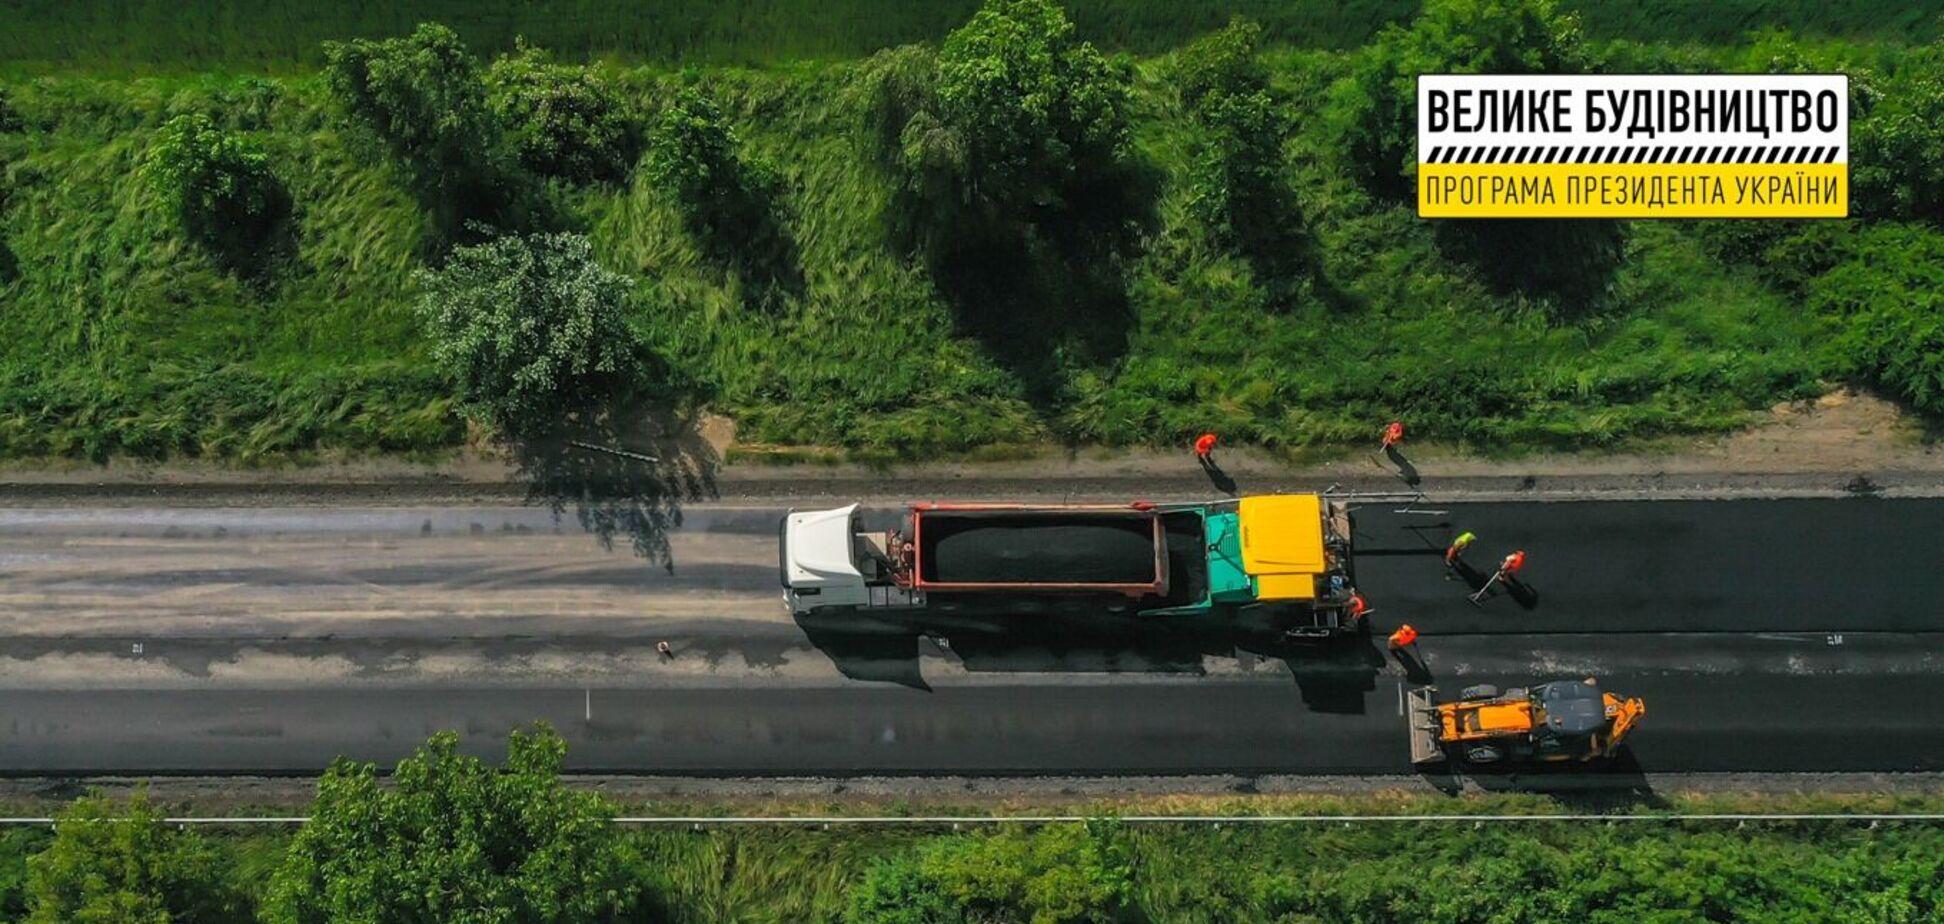 'Большая стройка': Укравтодор предупредил водителей о ремонтах приграничных дорог на Закарпатье